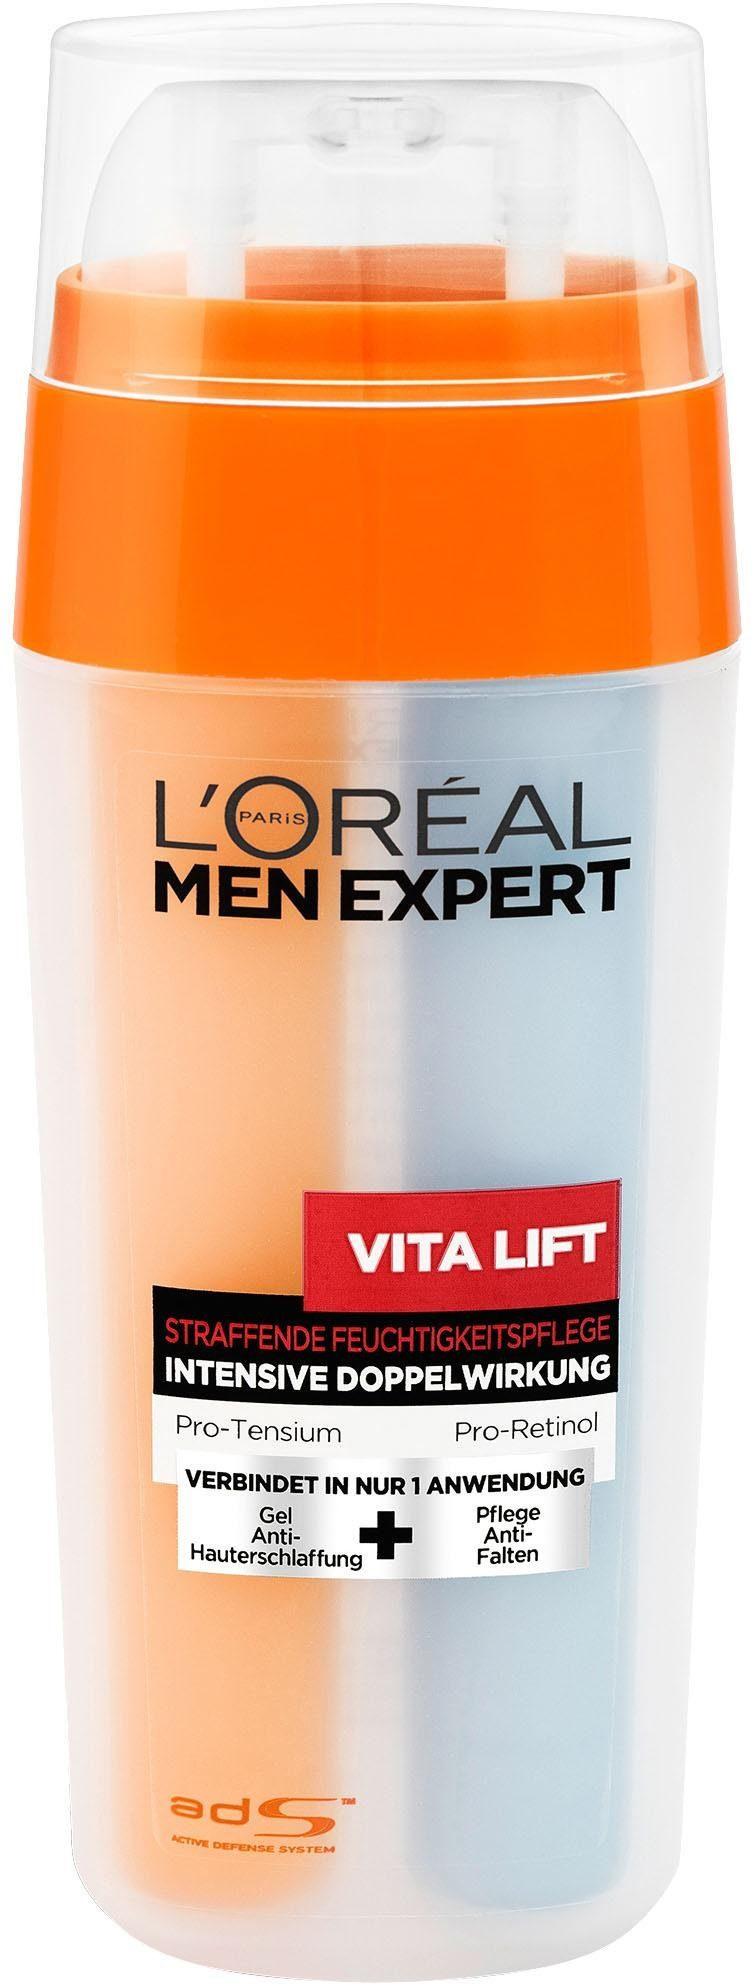 L'Oréal Paris Men Expert, »Vita Lift Straffende Feuchtigkeitspflege«, Gesichtspflege